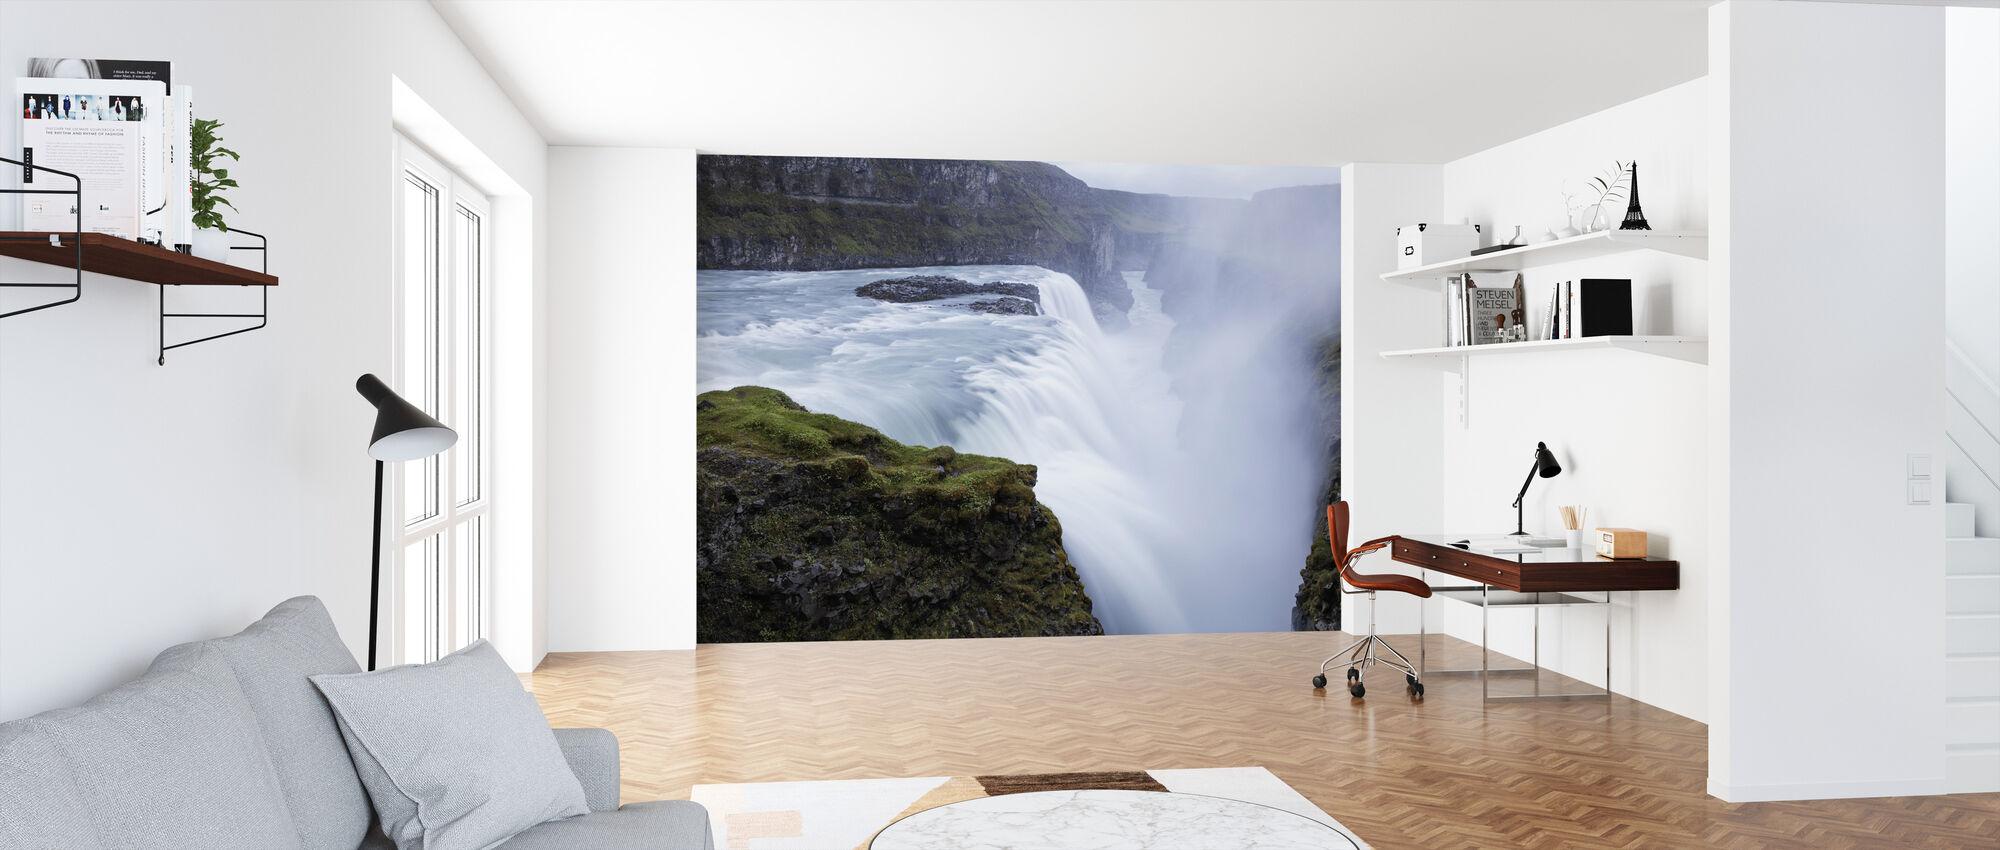 Gullfoss Waterfall, Iceland - Wallpaper - Office